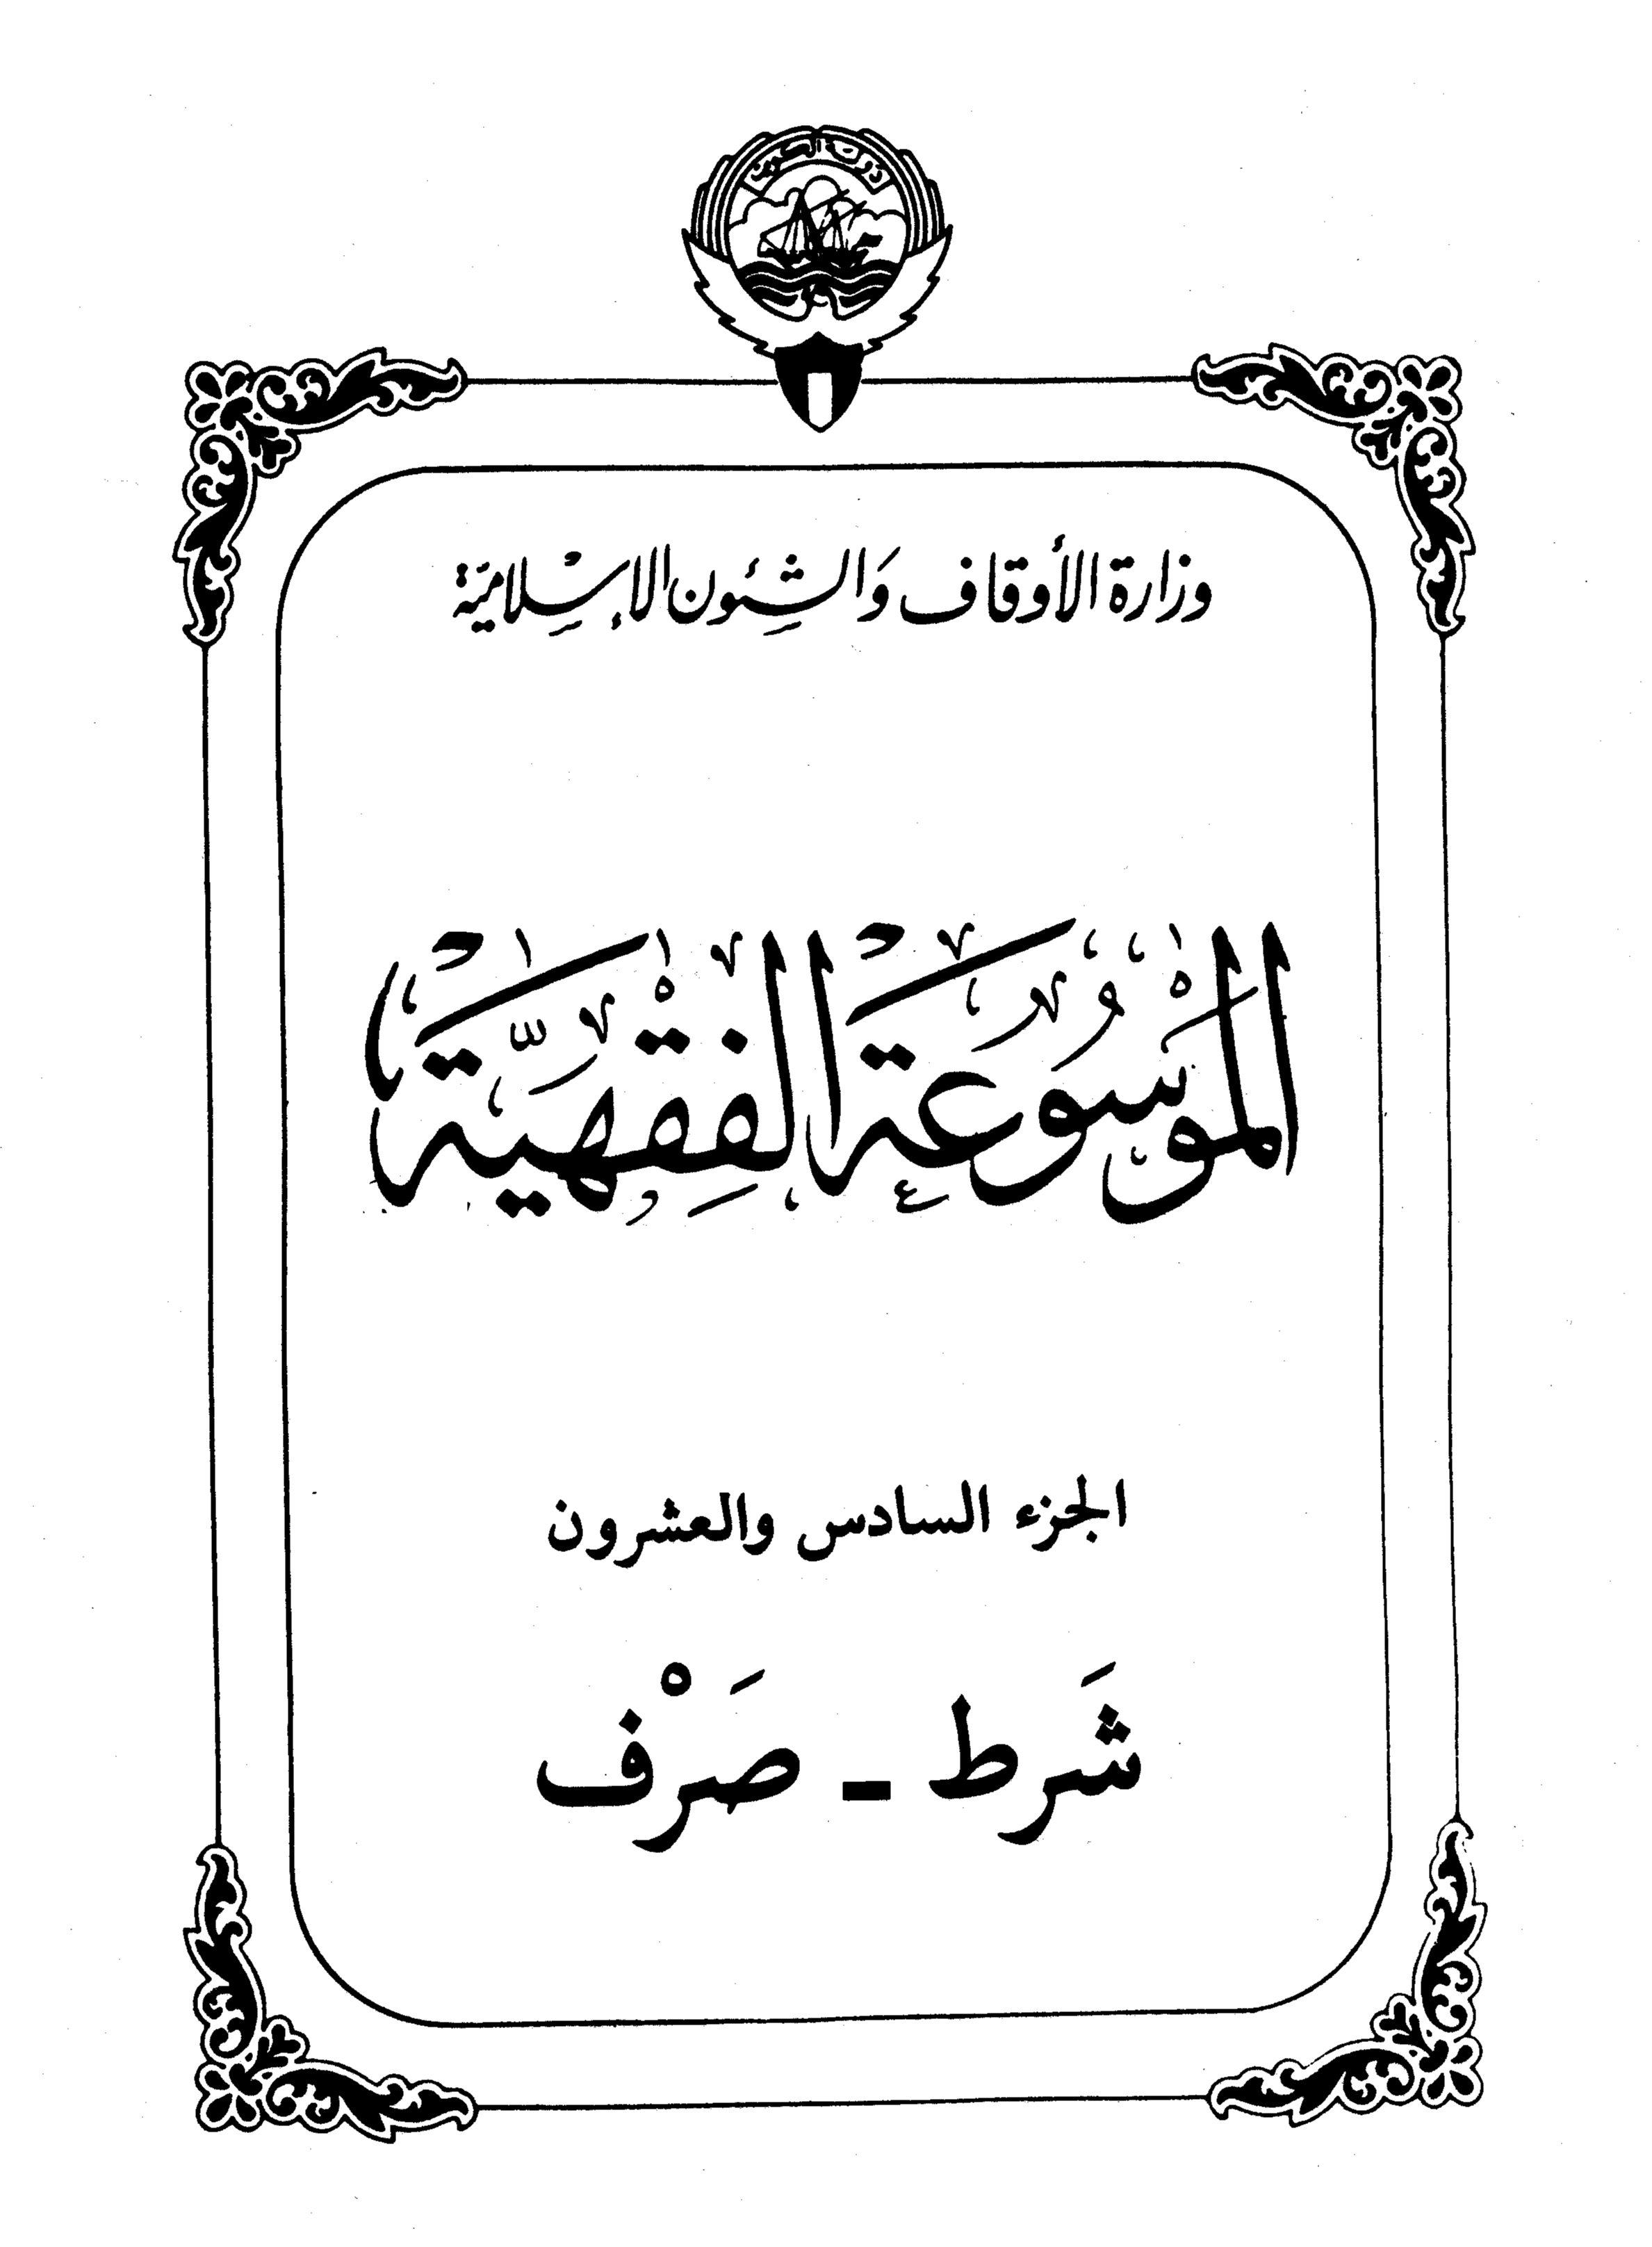 الموسوعة الفقهية الكويتية- الجزء السادس والعشرون (شرط - صرف)